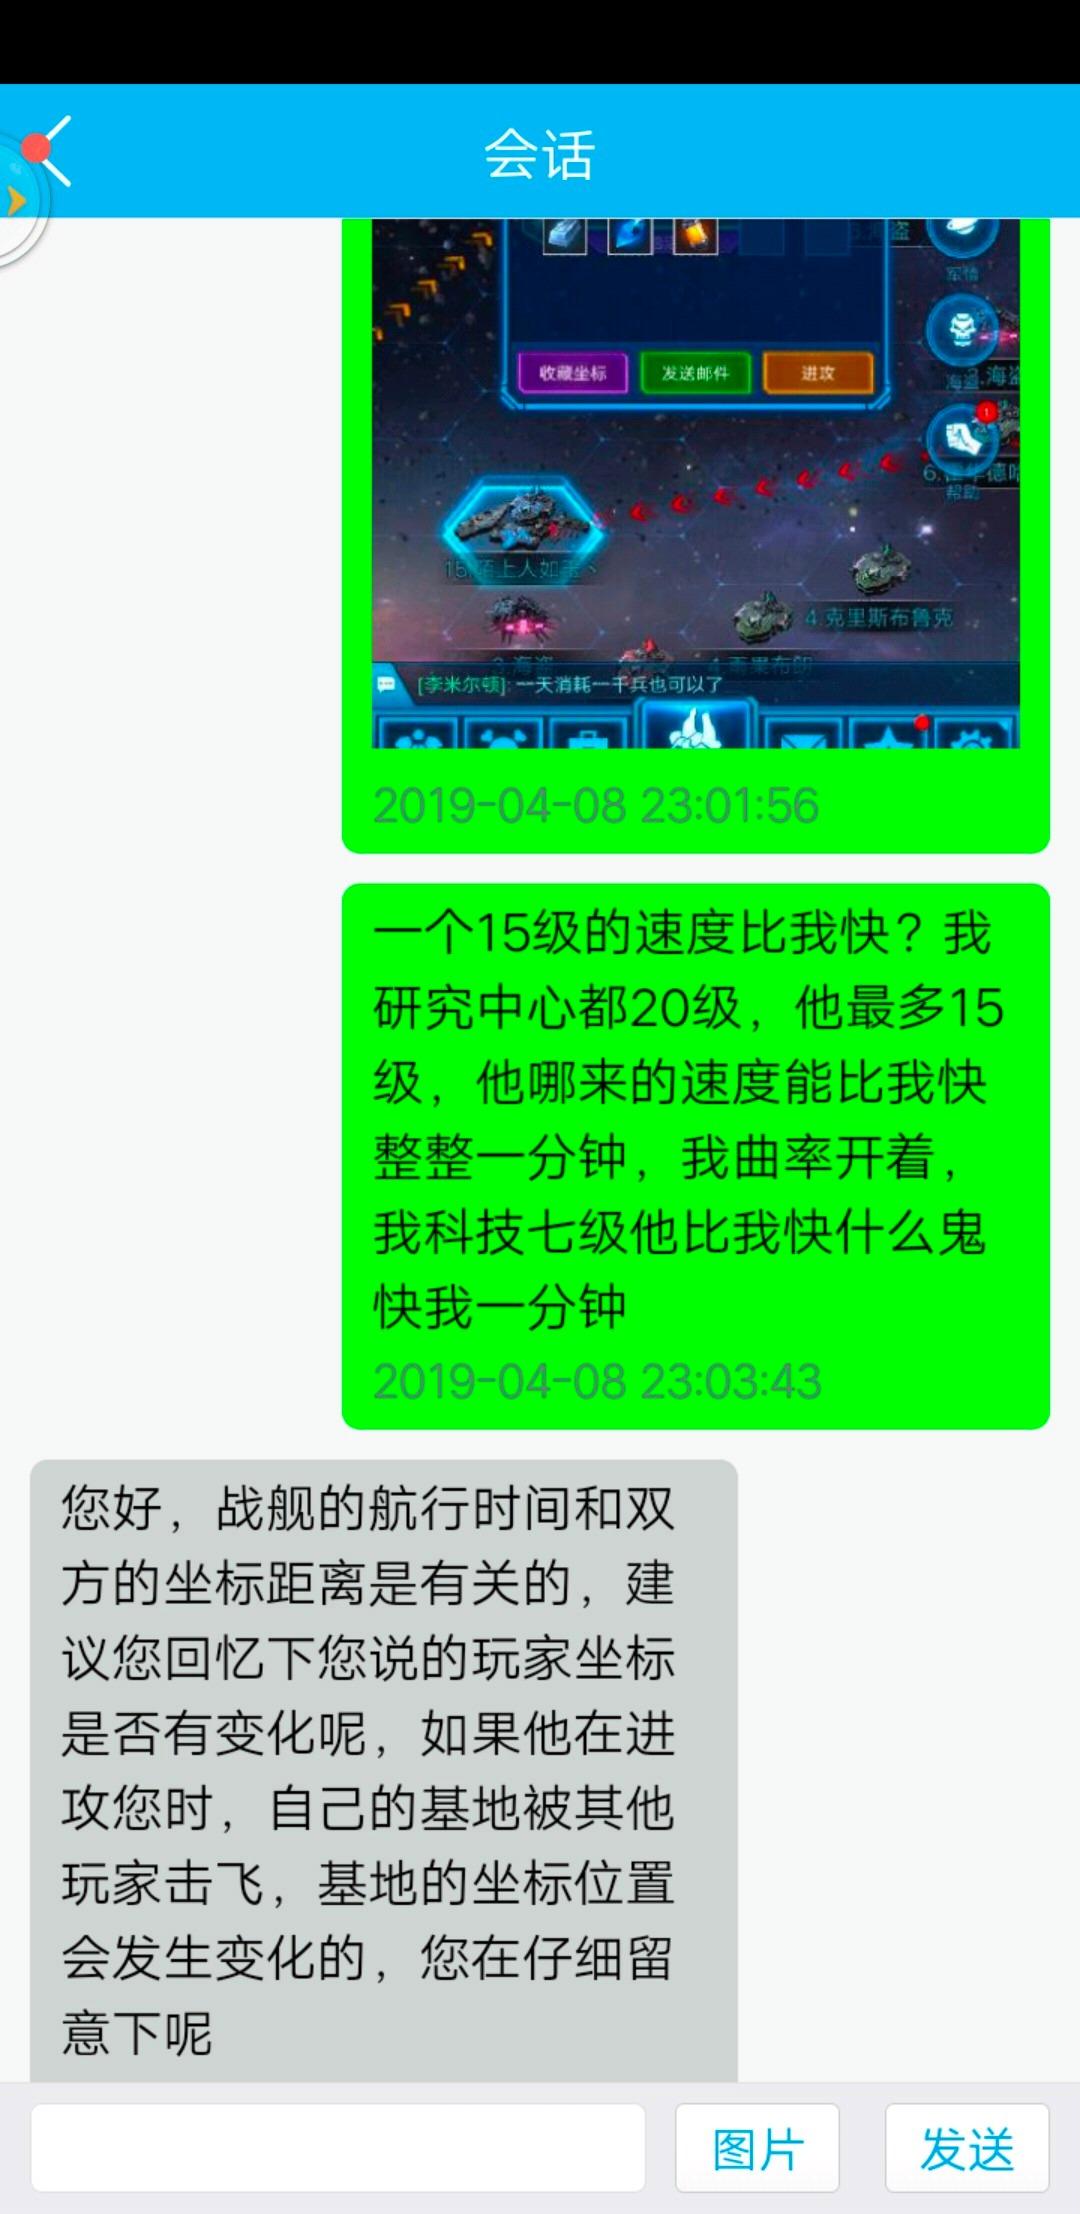 Screenshot_2019_0410_134805.jpg